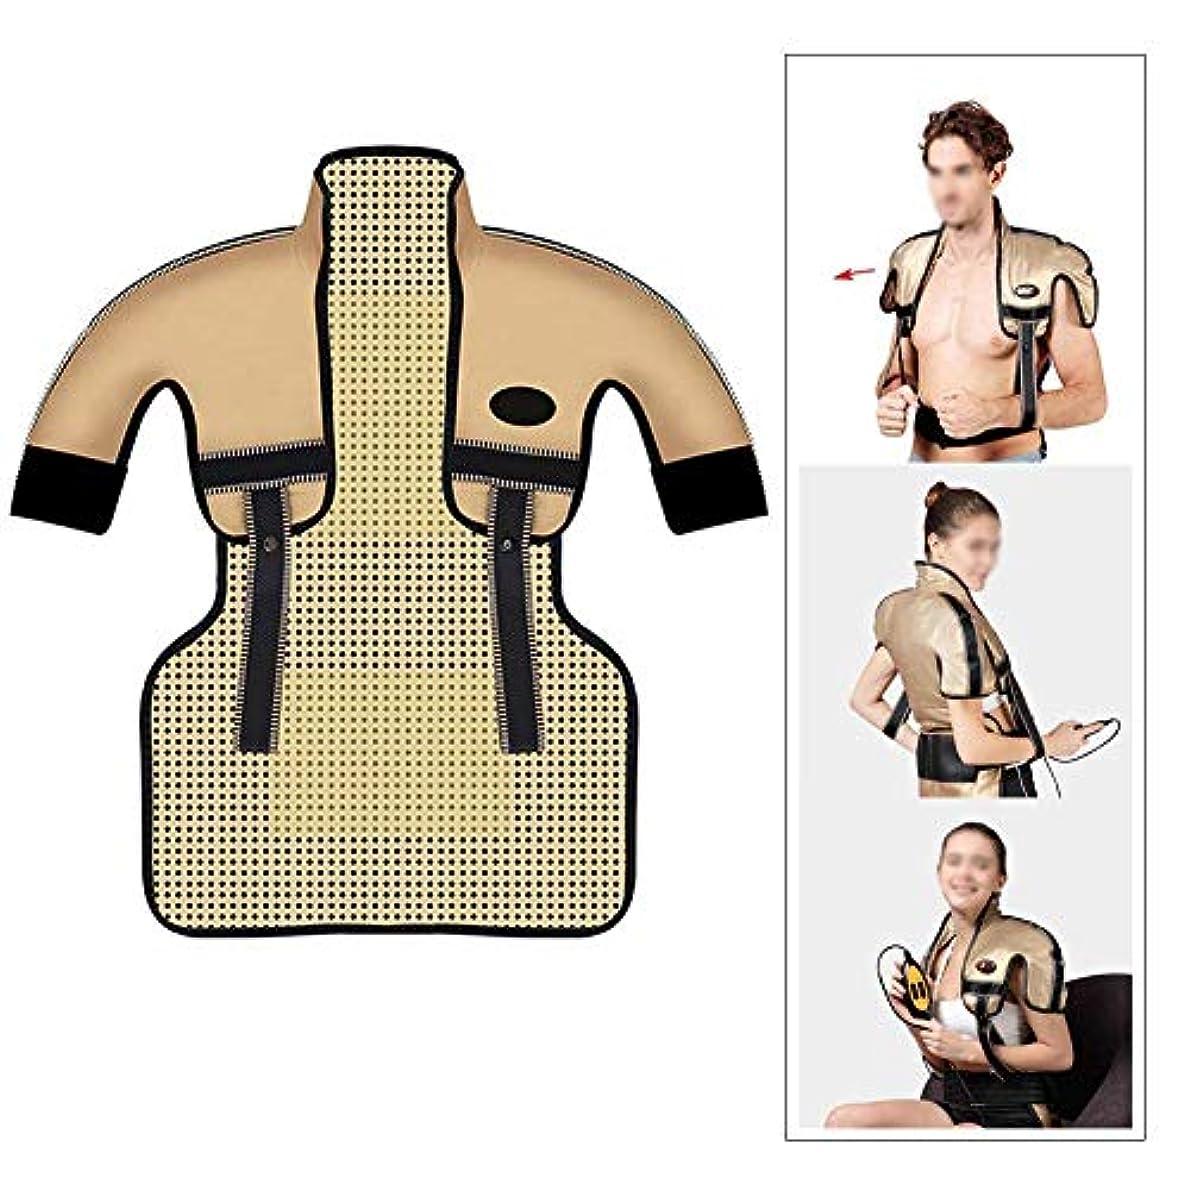 混雑その他準備肩と首の電気加熱パッド - 混練加熱、痛みを和らげるヒートパッド、医療用品マッサージベスト(肩幅用:35-50CM)